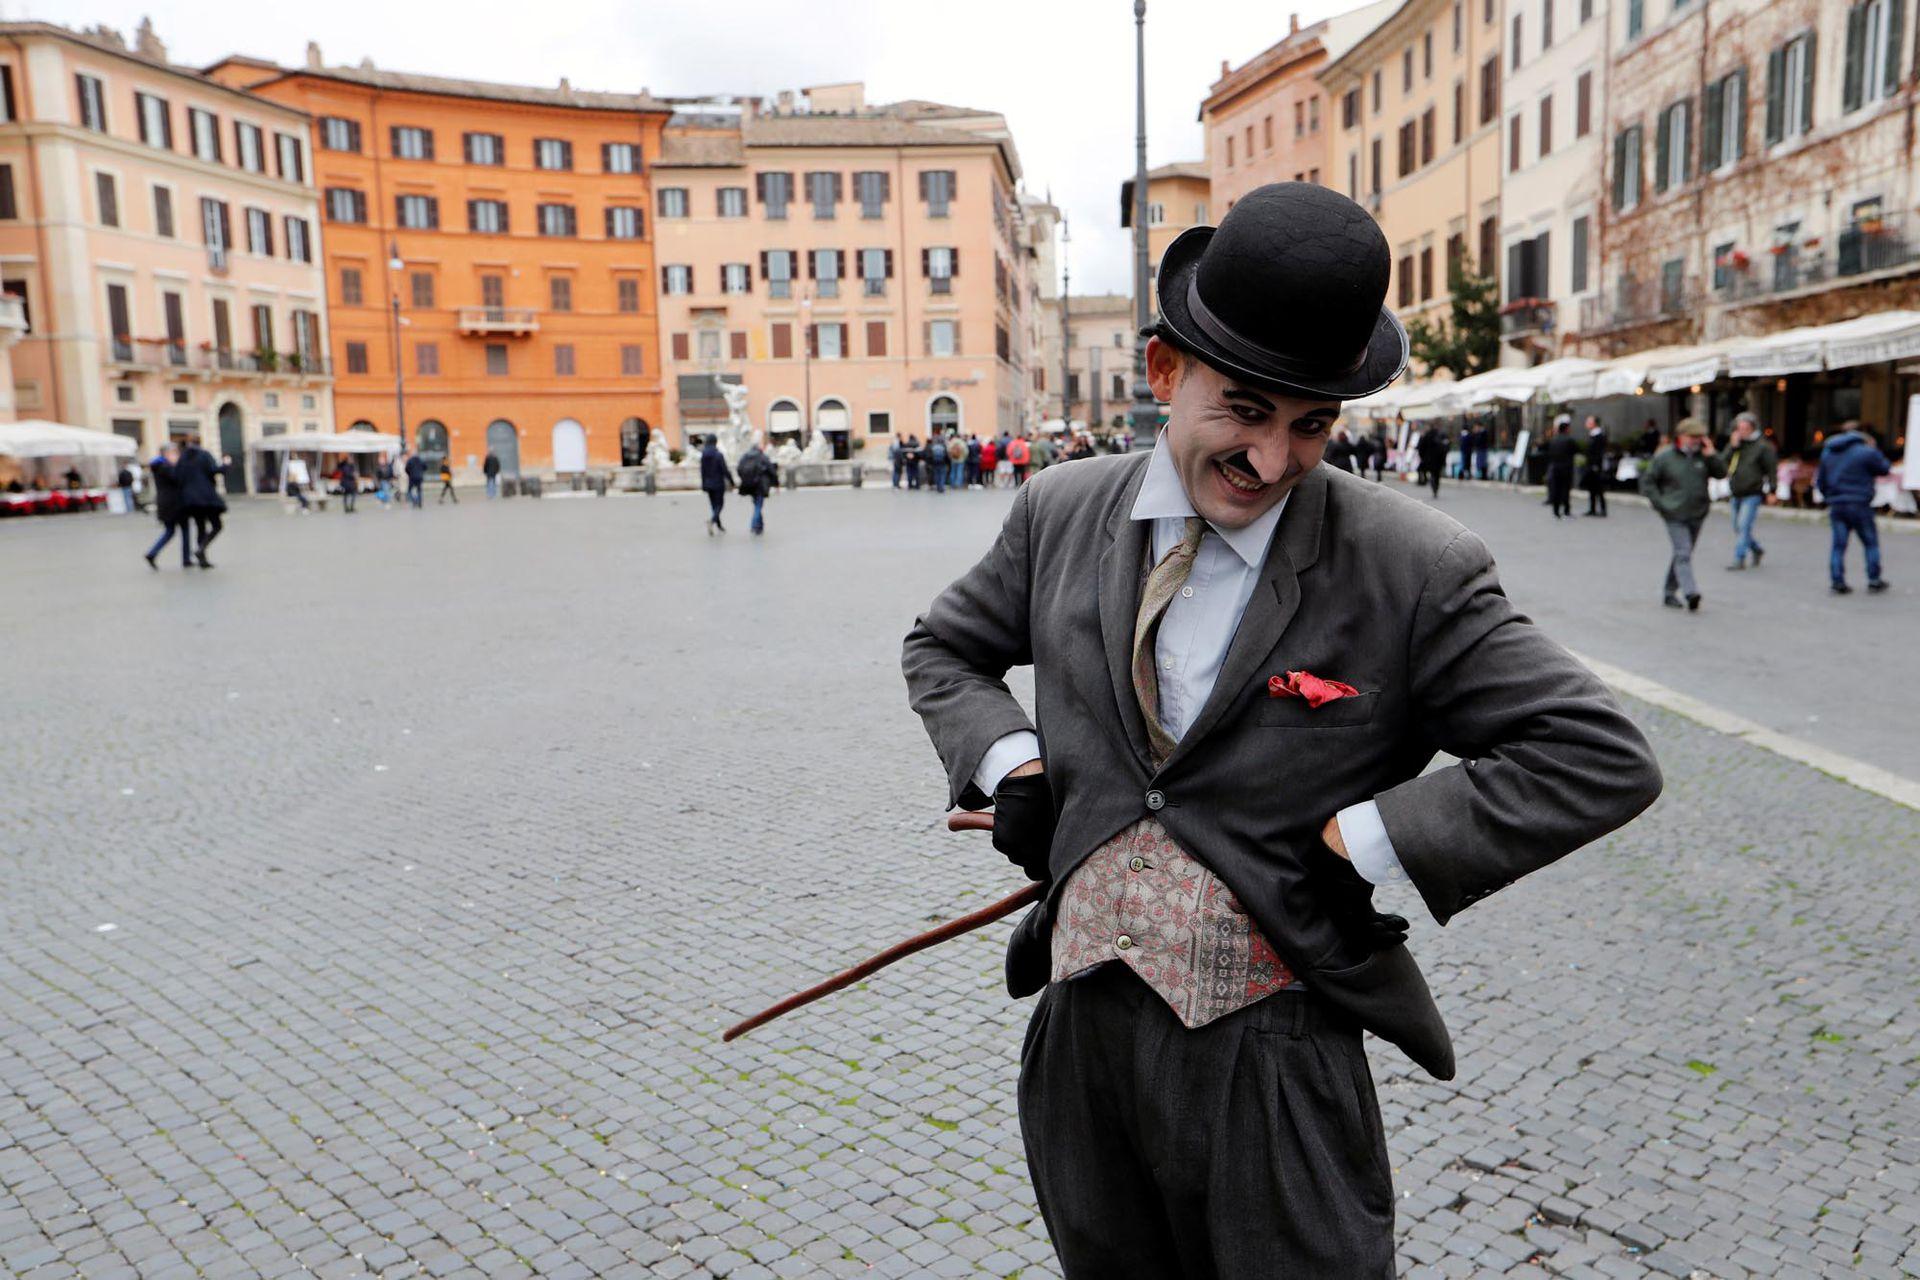 Un hombre vestido como Charlie Chaplin posa para una fotografía en una Piazza Navona casi vacía, que generalmente estaría llena de turistas, en Roma, Italia, el 2 de marzo de 2020